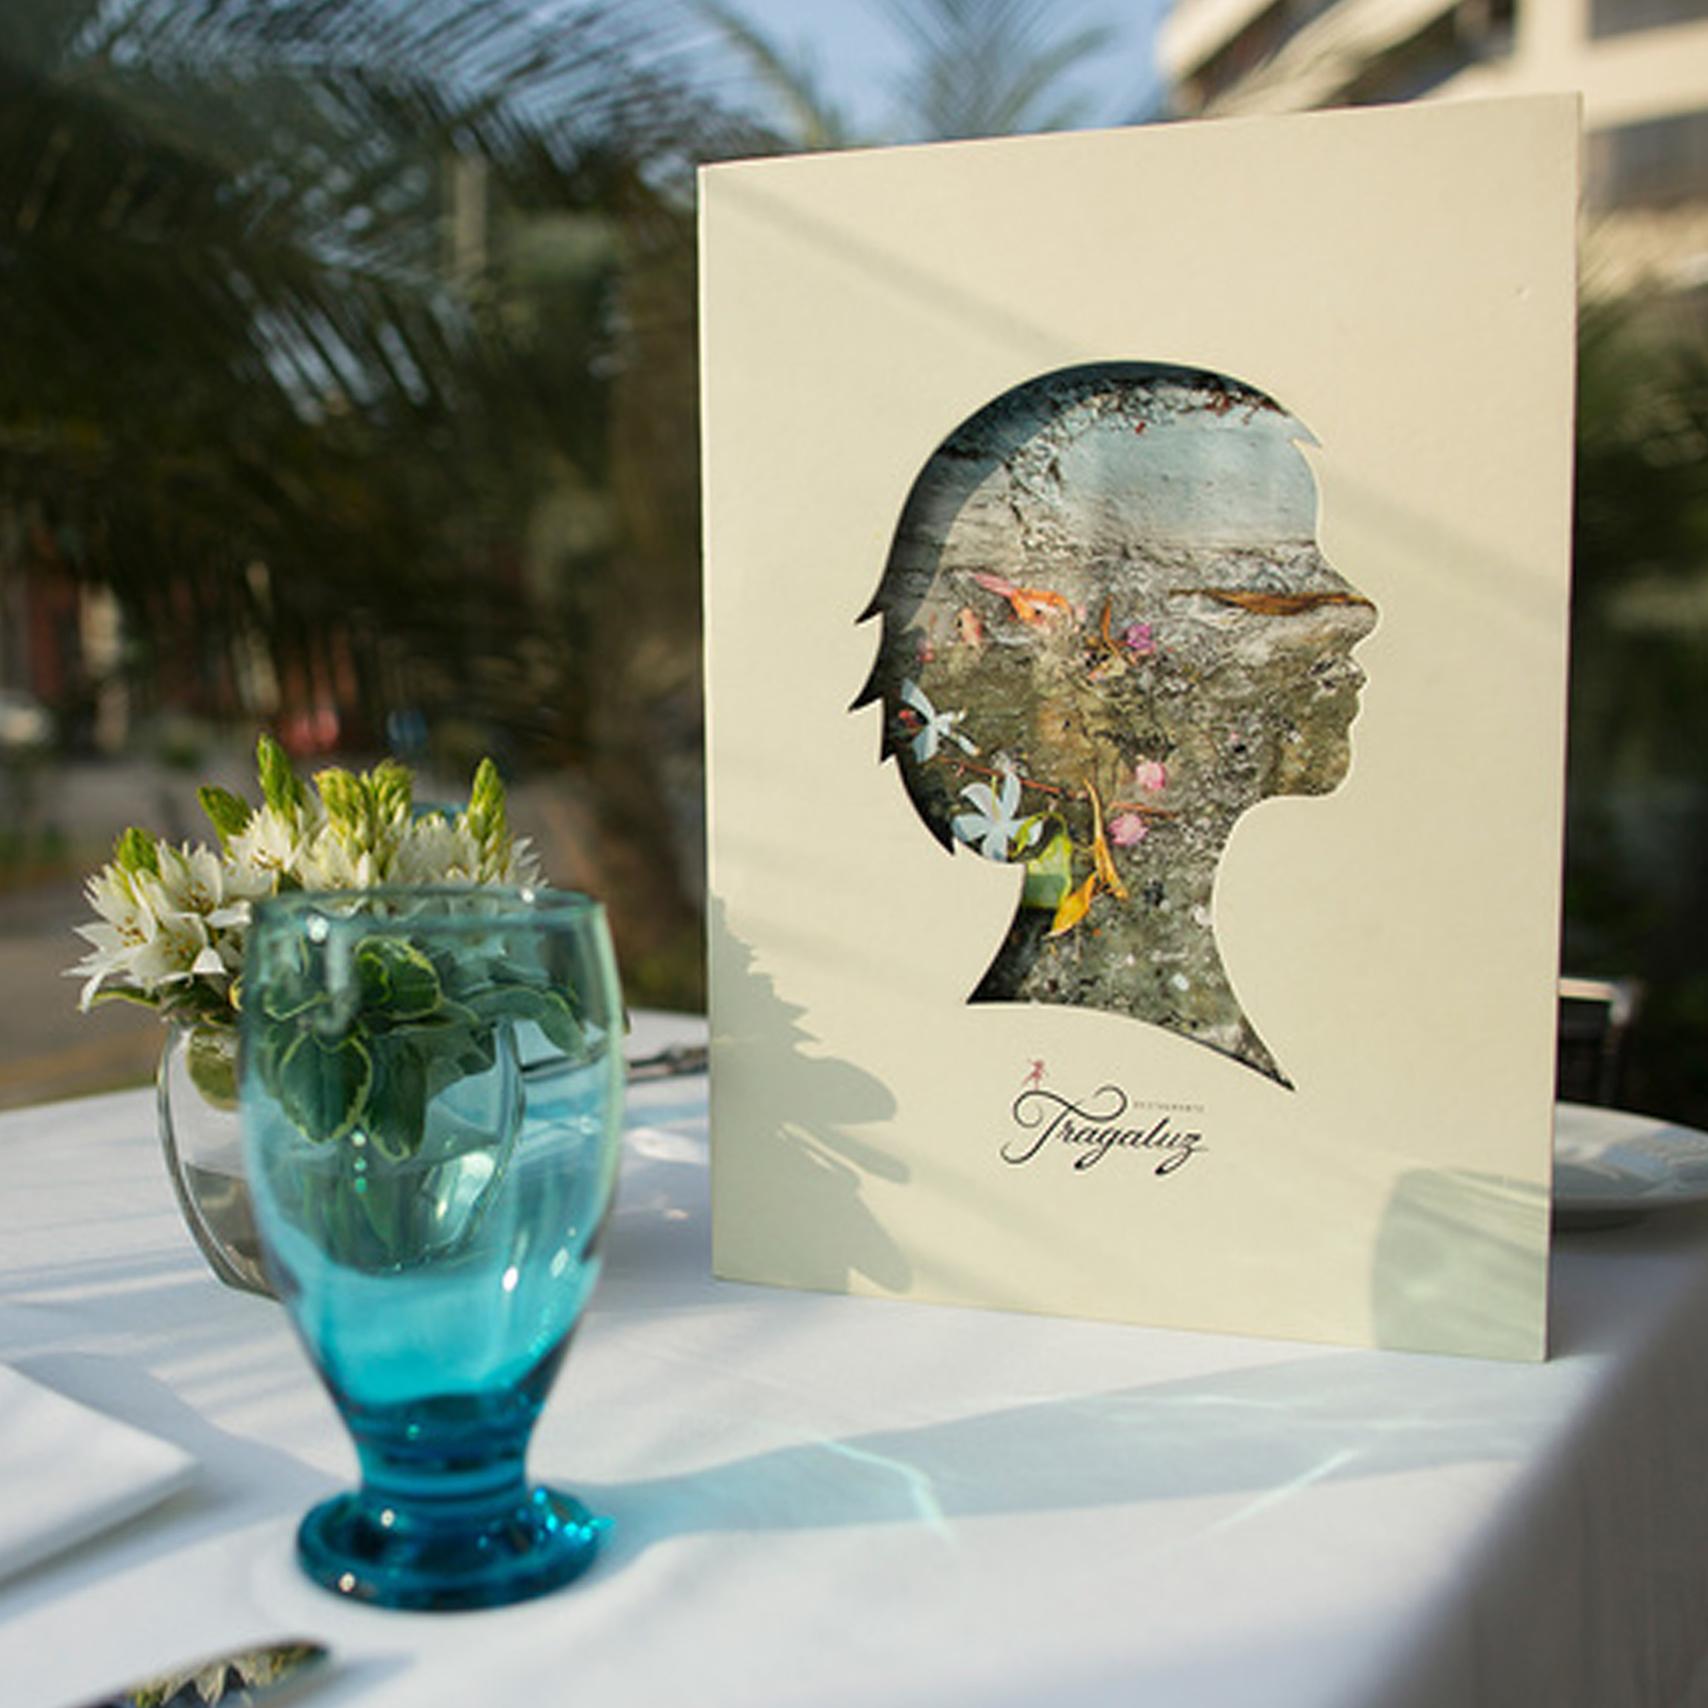 Restaurante Tragaluz    Identidad gráfica y fotografía.